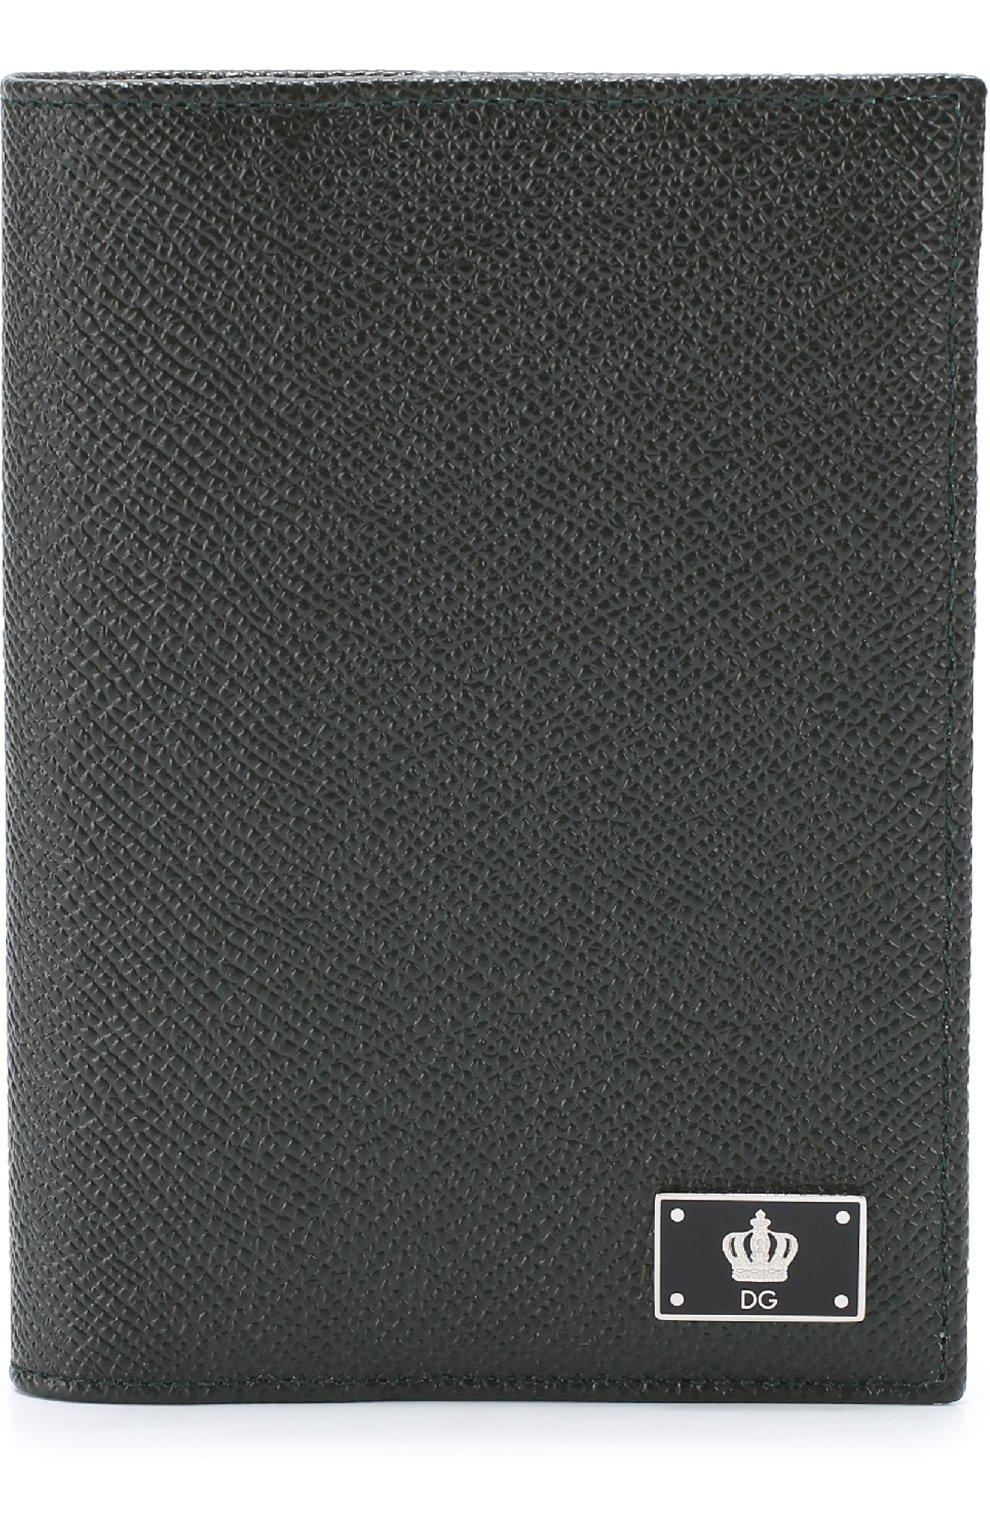 Кожаная обложка для паспорта с отделениями для кредитных карт | Фото №1